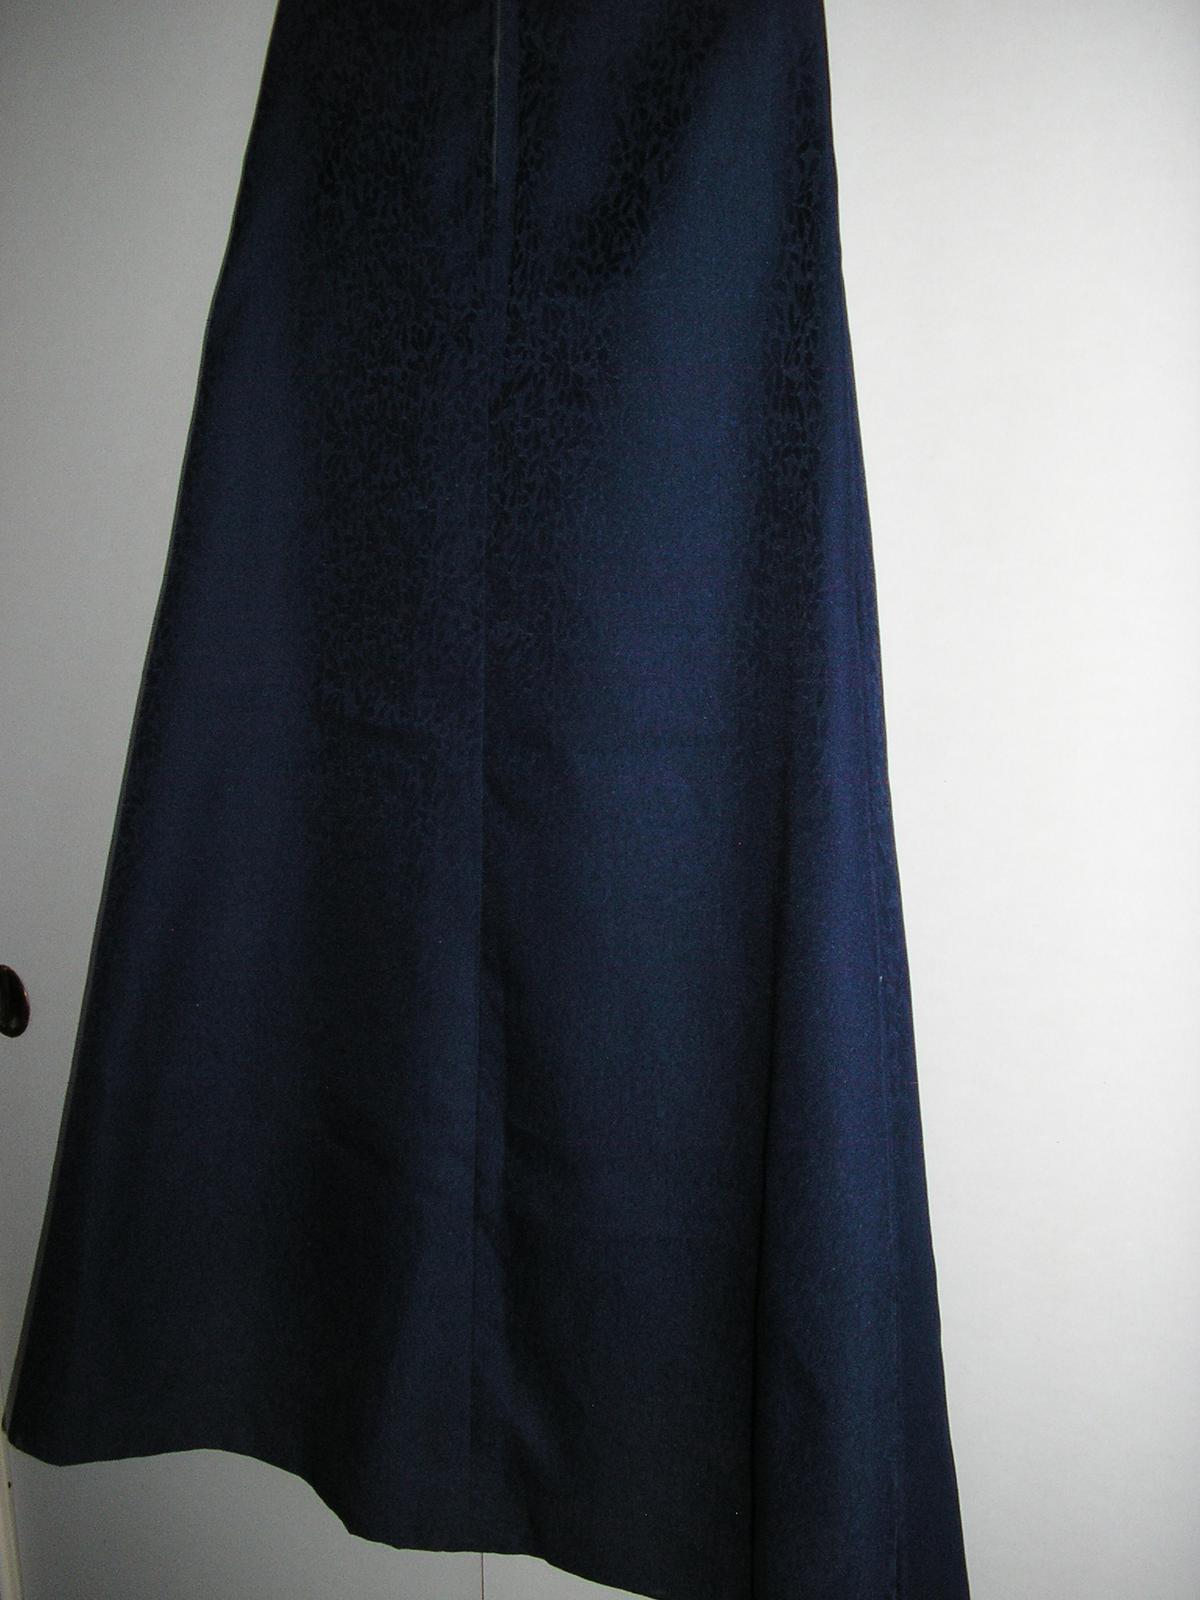 c1238b5b5097 Zobraz celé podmienky. 130. dlhá sukňa tm. modrá ...